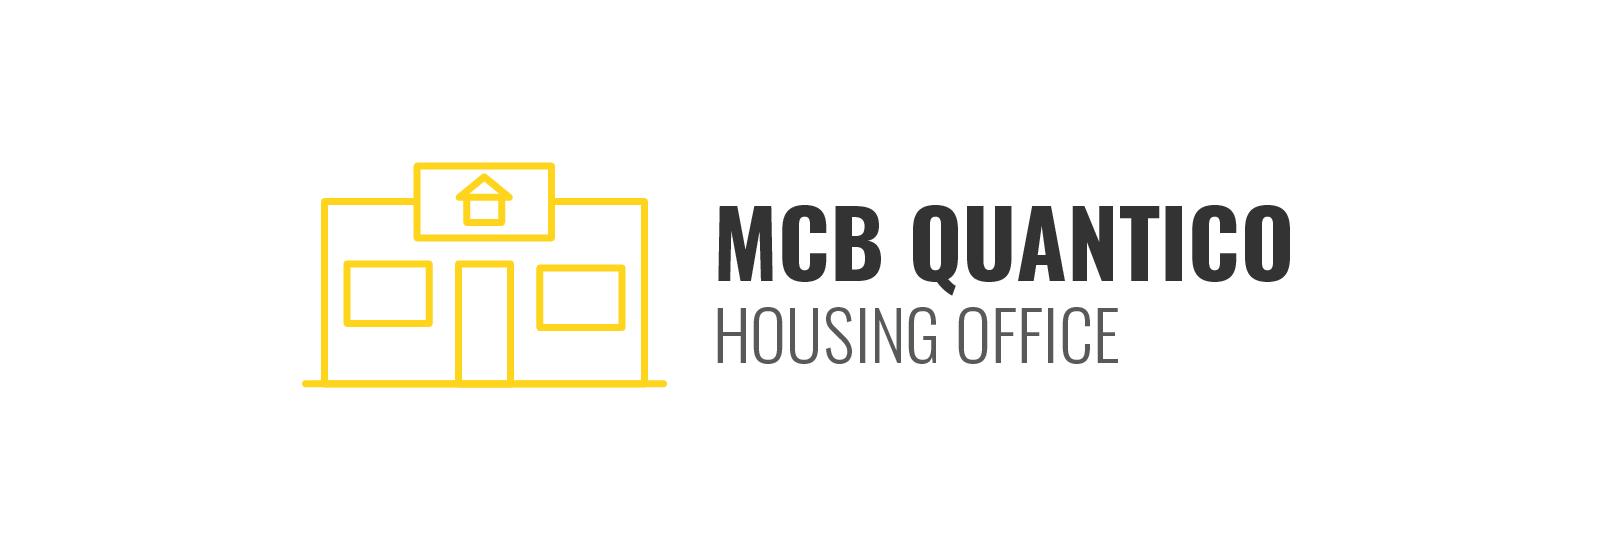 MCB Quantico Housing Office